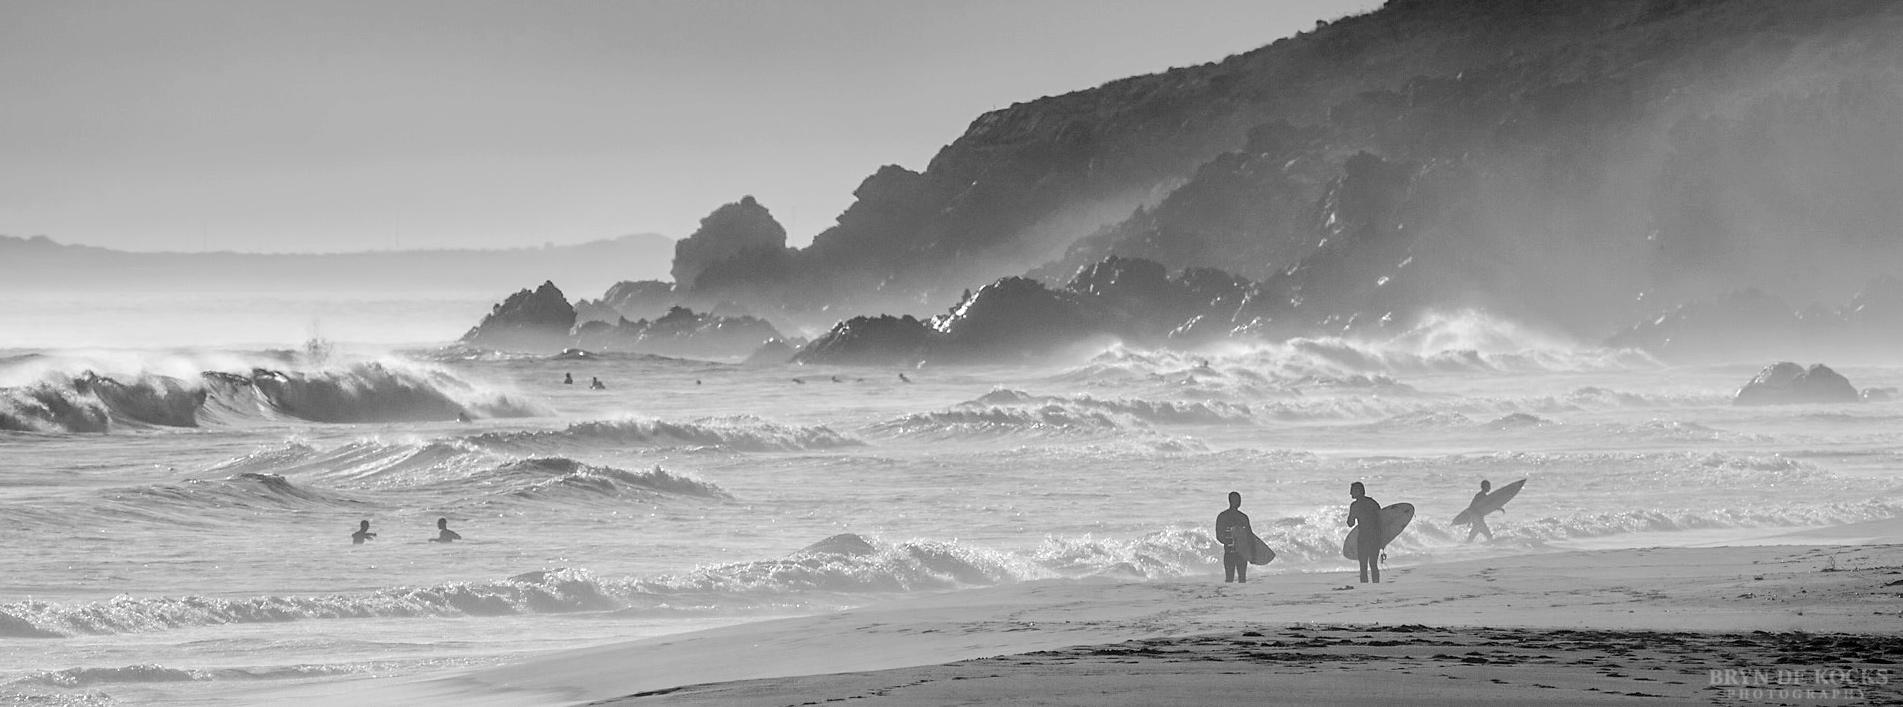 Kogelbaai Surfers